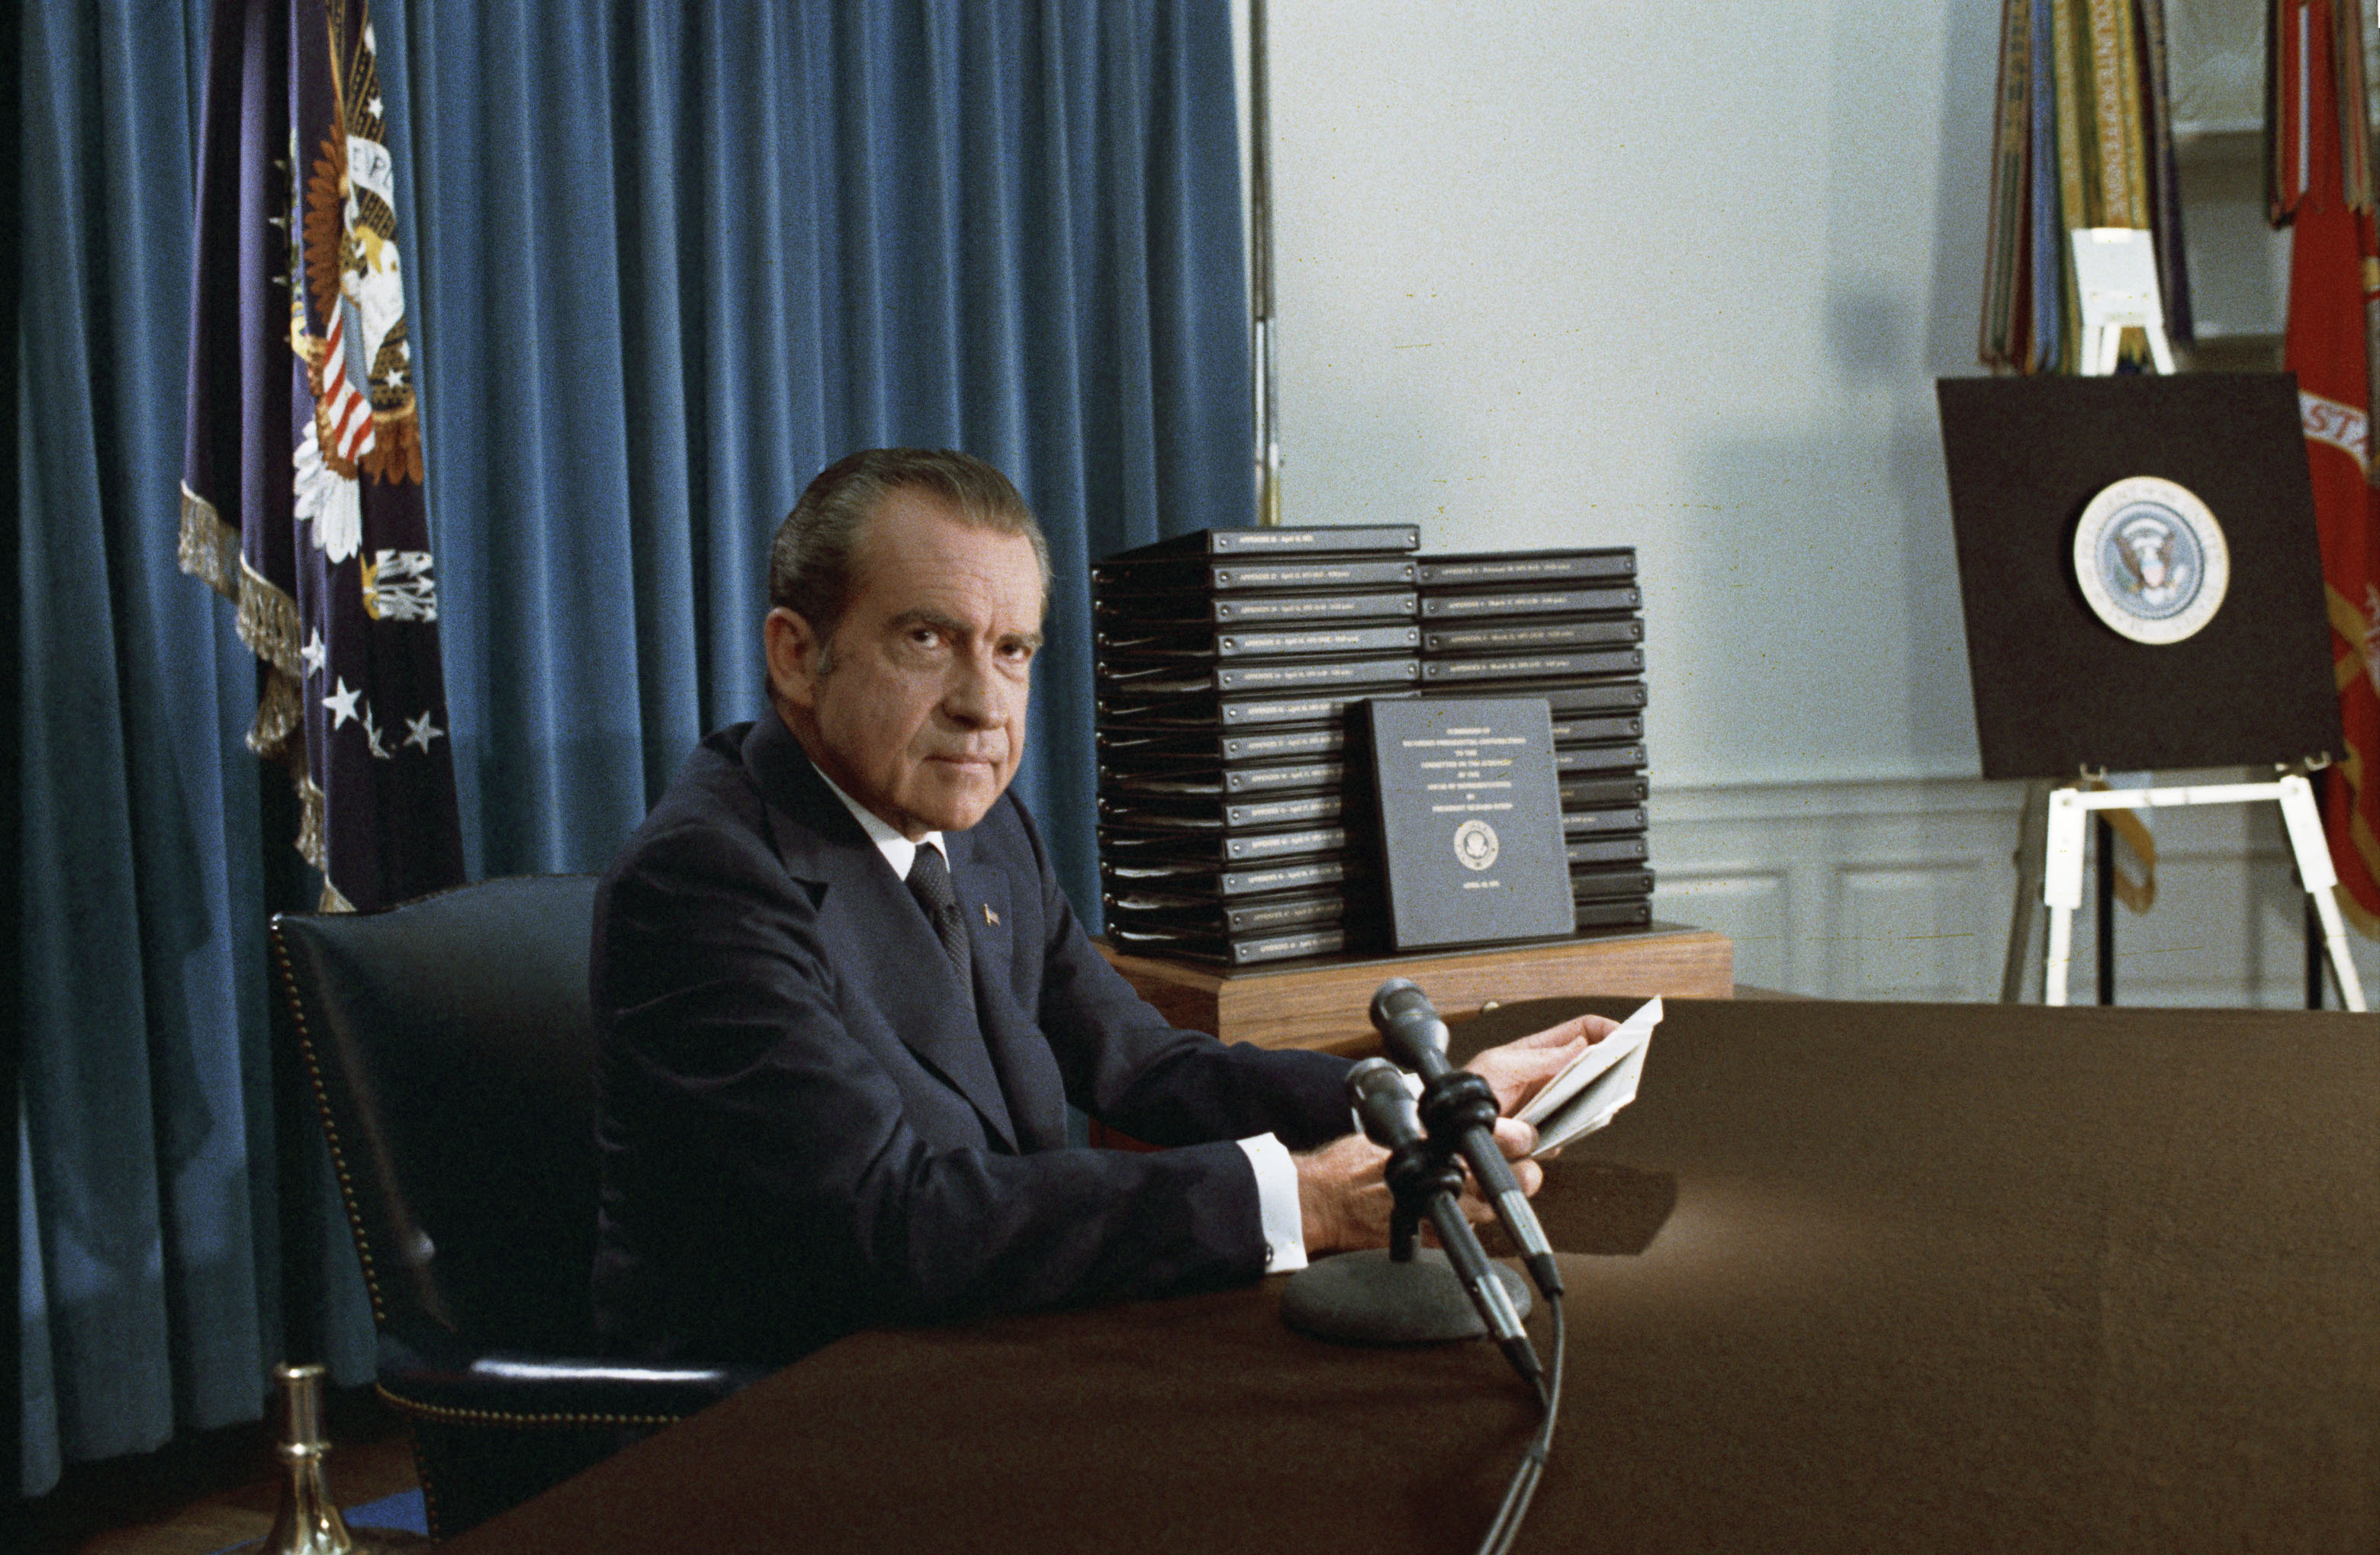 1974年4月29日,尼克森針對水門案事件對外宣布,將交出白宮錄音帶經過剪輯的文字副本。(美聯社)